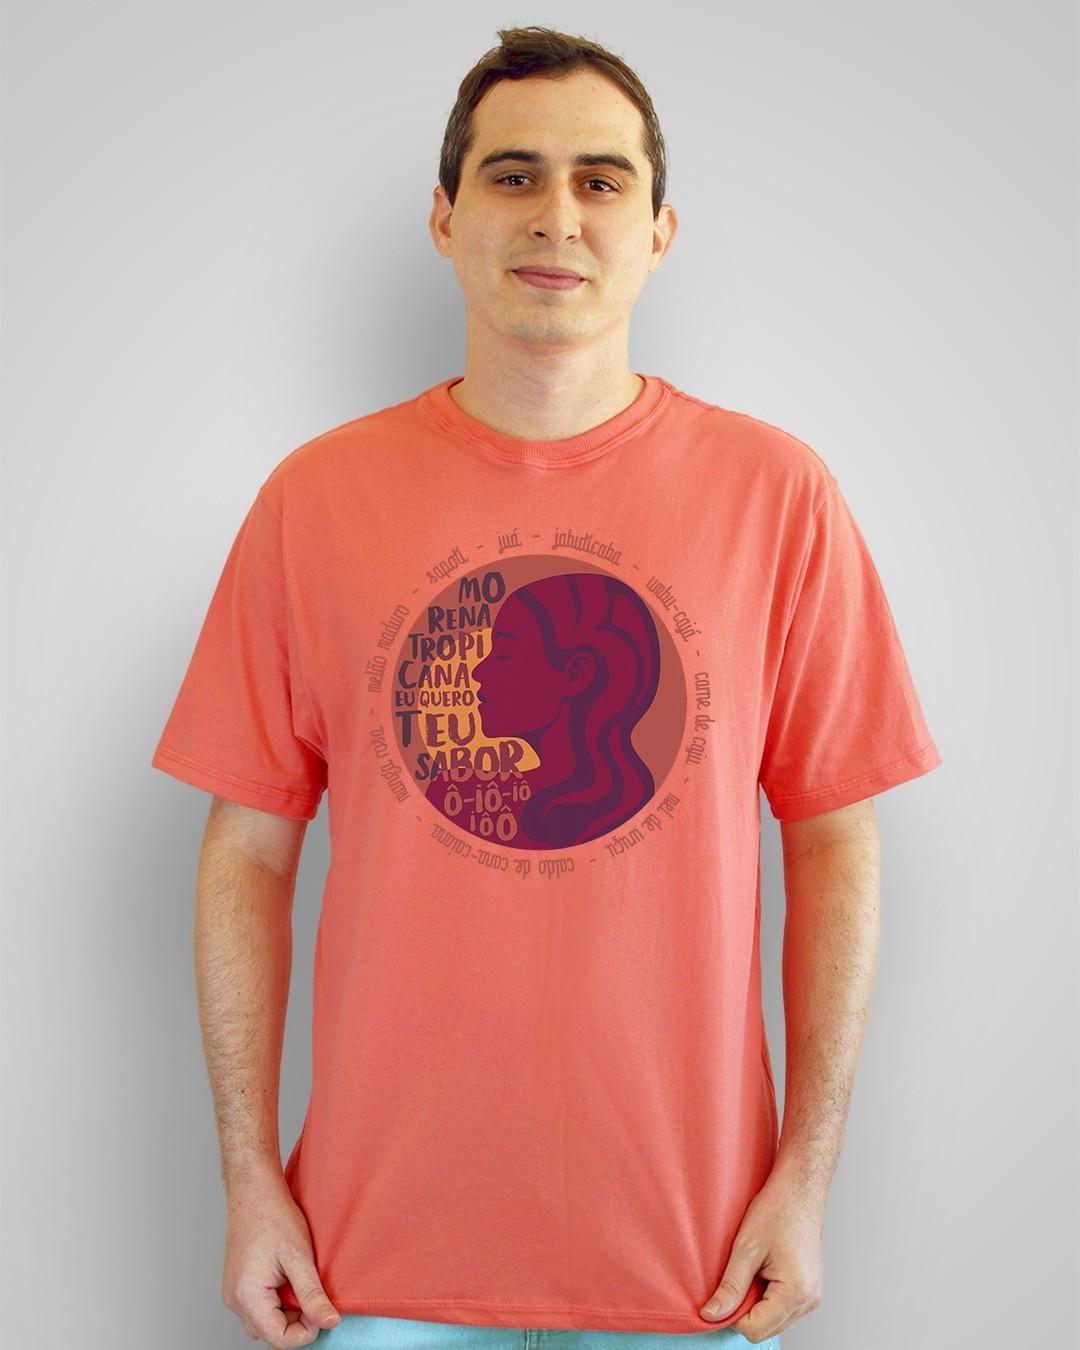 Camiseta Morena tropicana, eu quero teu sabor, ô-iô-iô-iôô - Alceu Valença